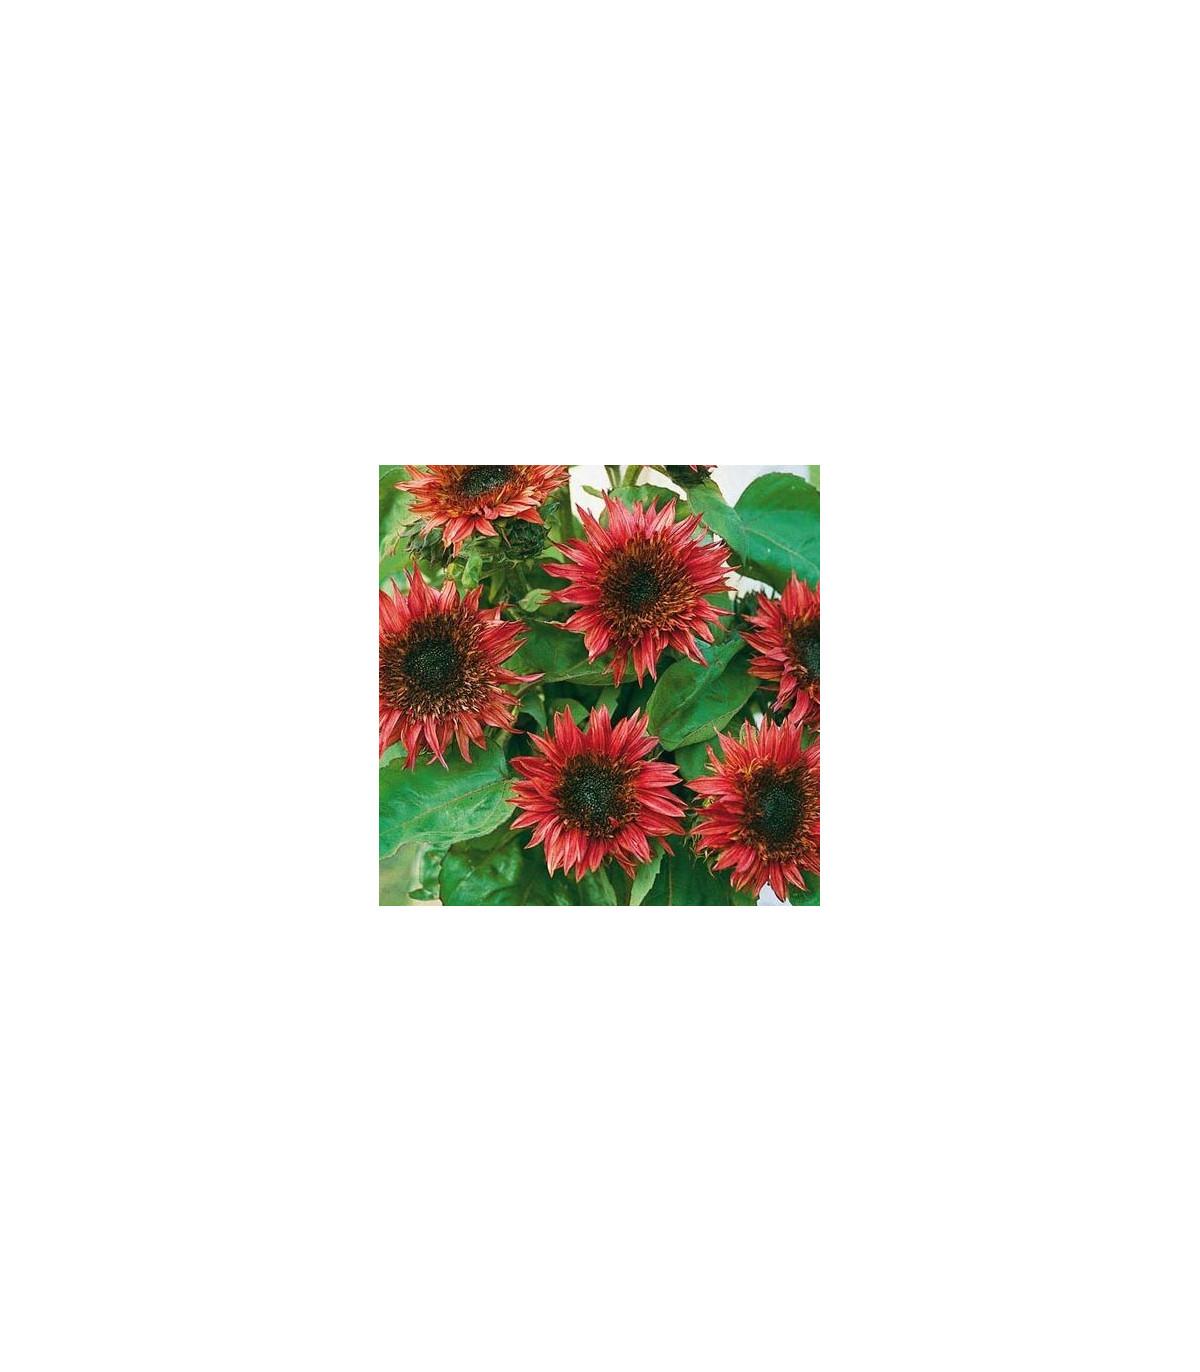 Slunečnice roční F1 červená Double dandy - Helianthus annuus - osivo slunečnice - 6 ks